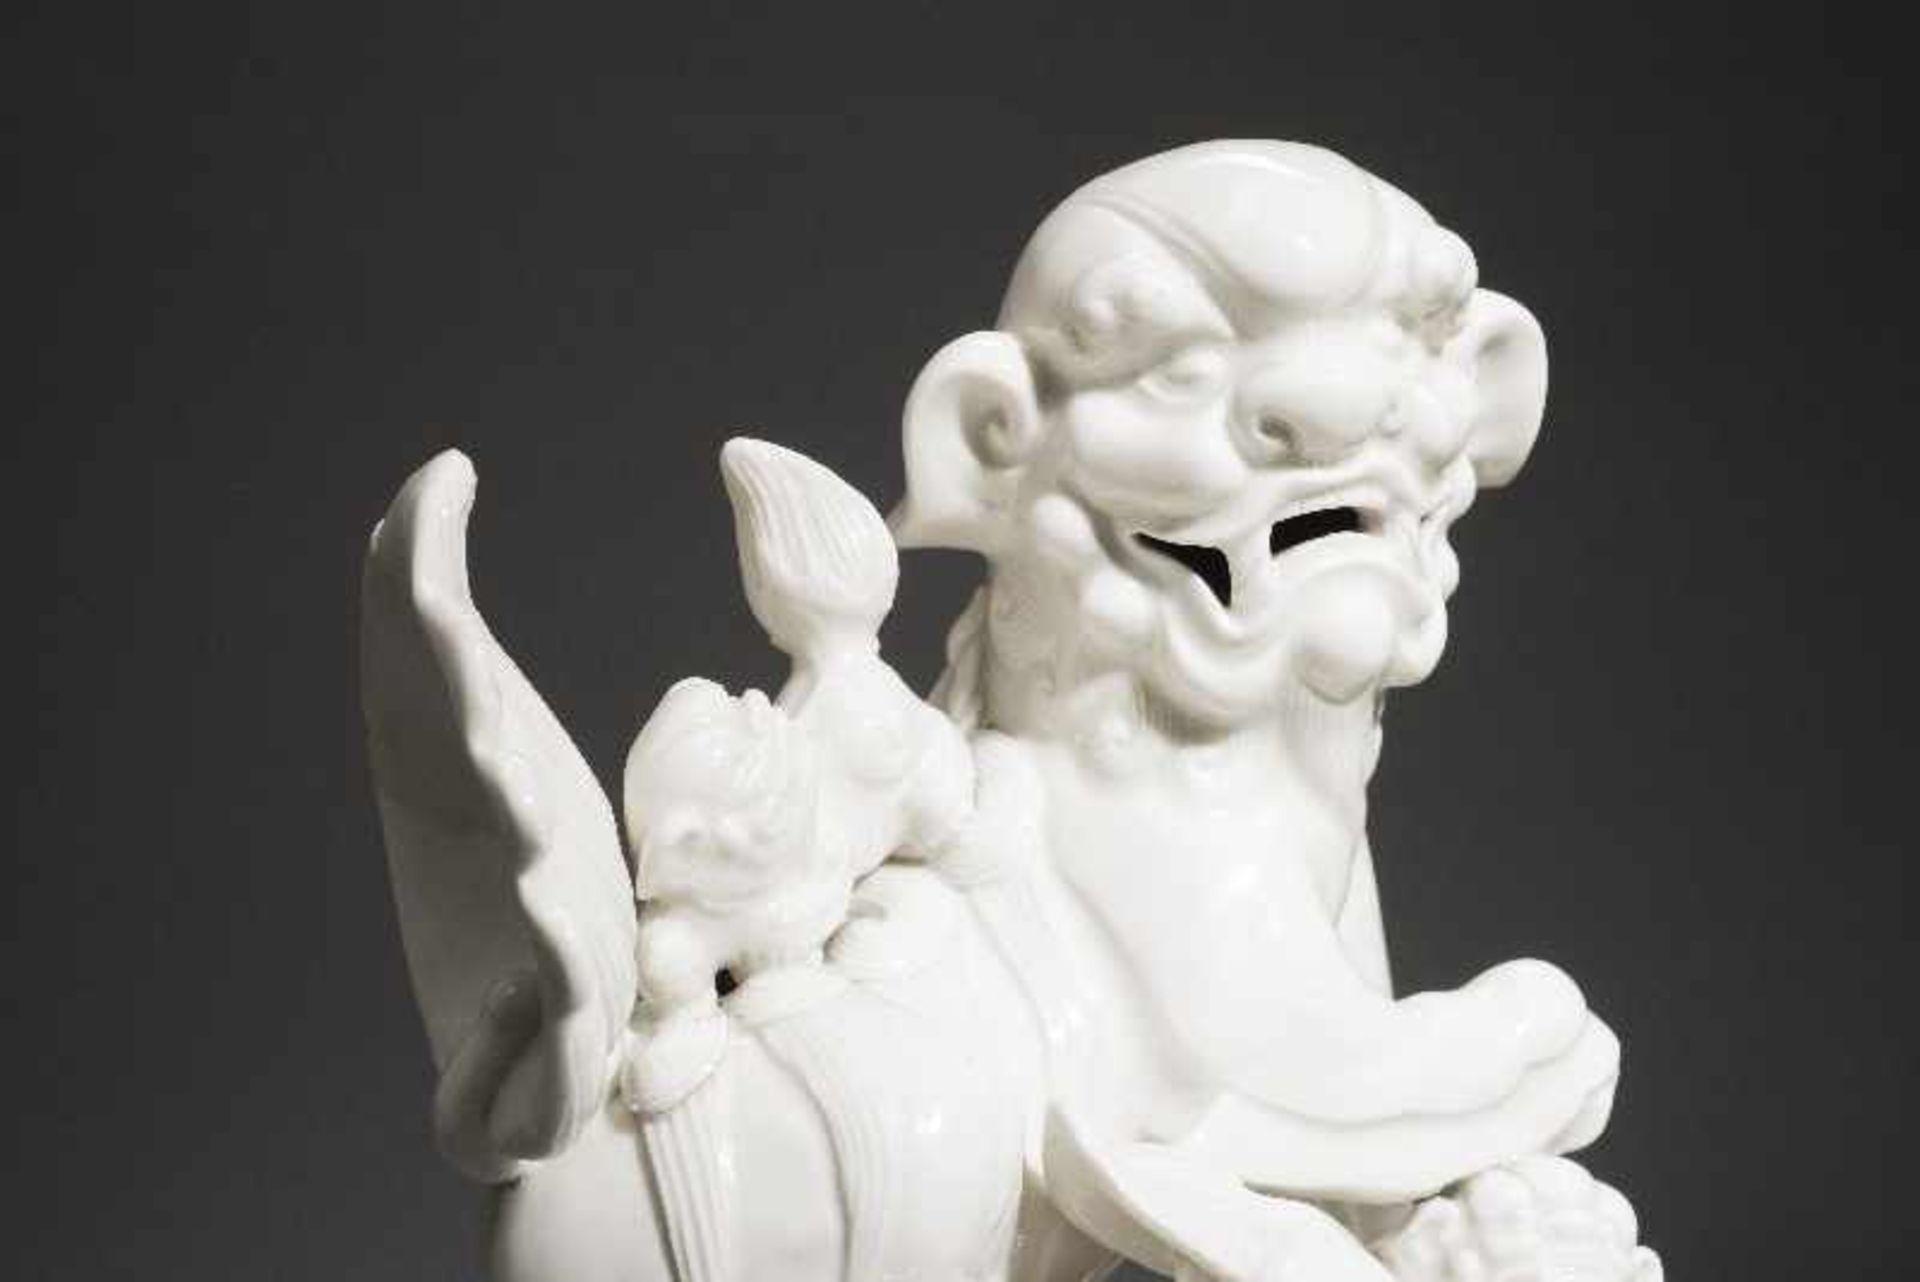 PAAR PALASTLÖWEN AUF SOCKELNBlanc de Chine-Porzellan aus Dehua und Holz. China, Qing 18. Jh. Zwei - Image 8 of 9